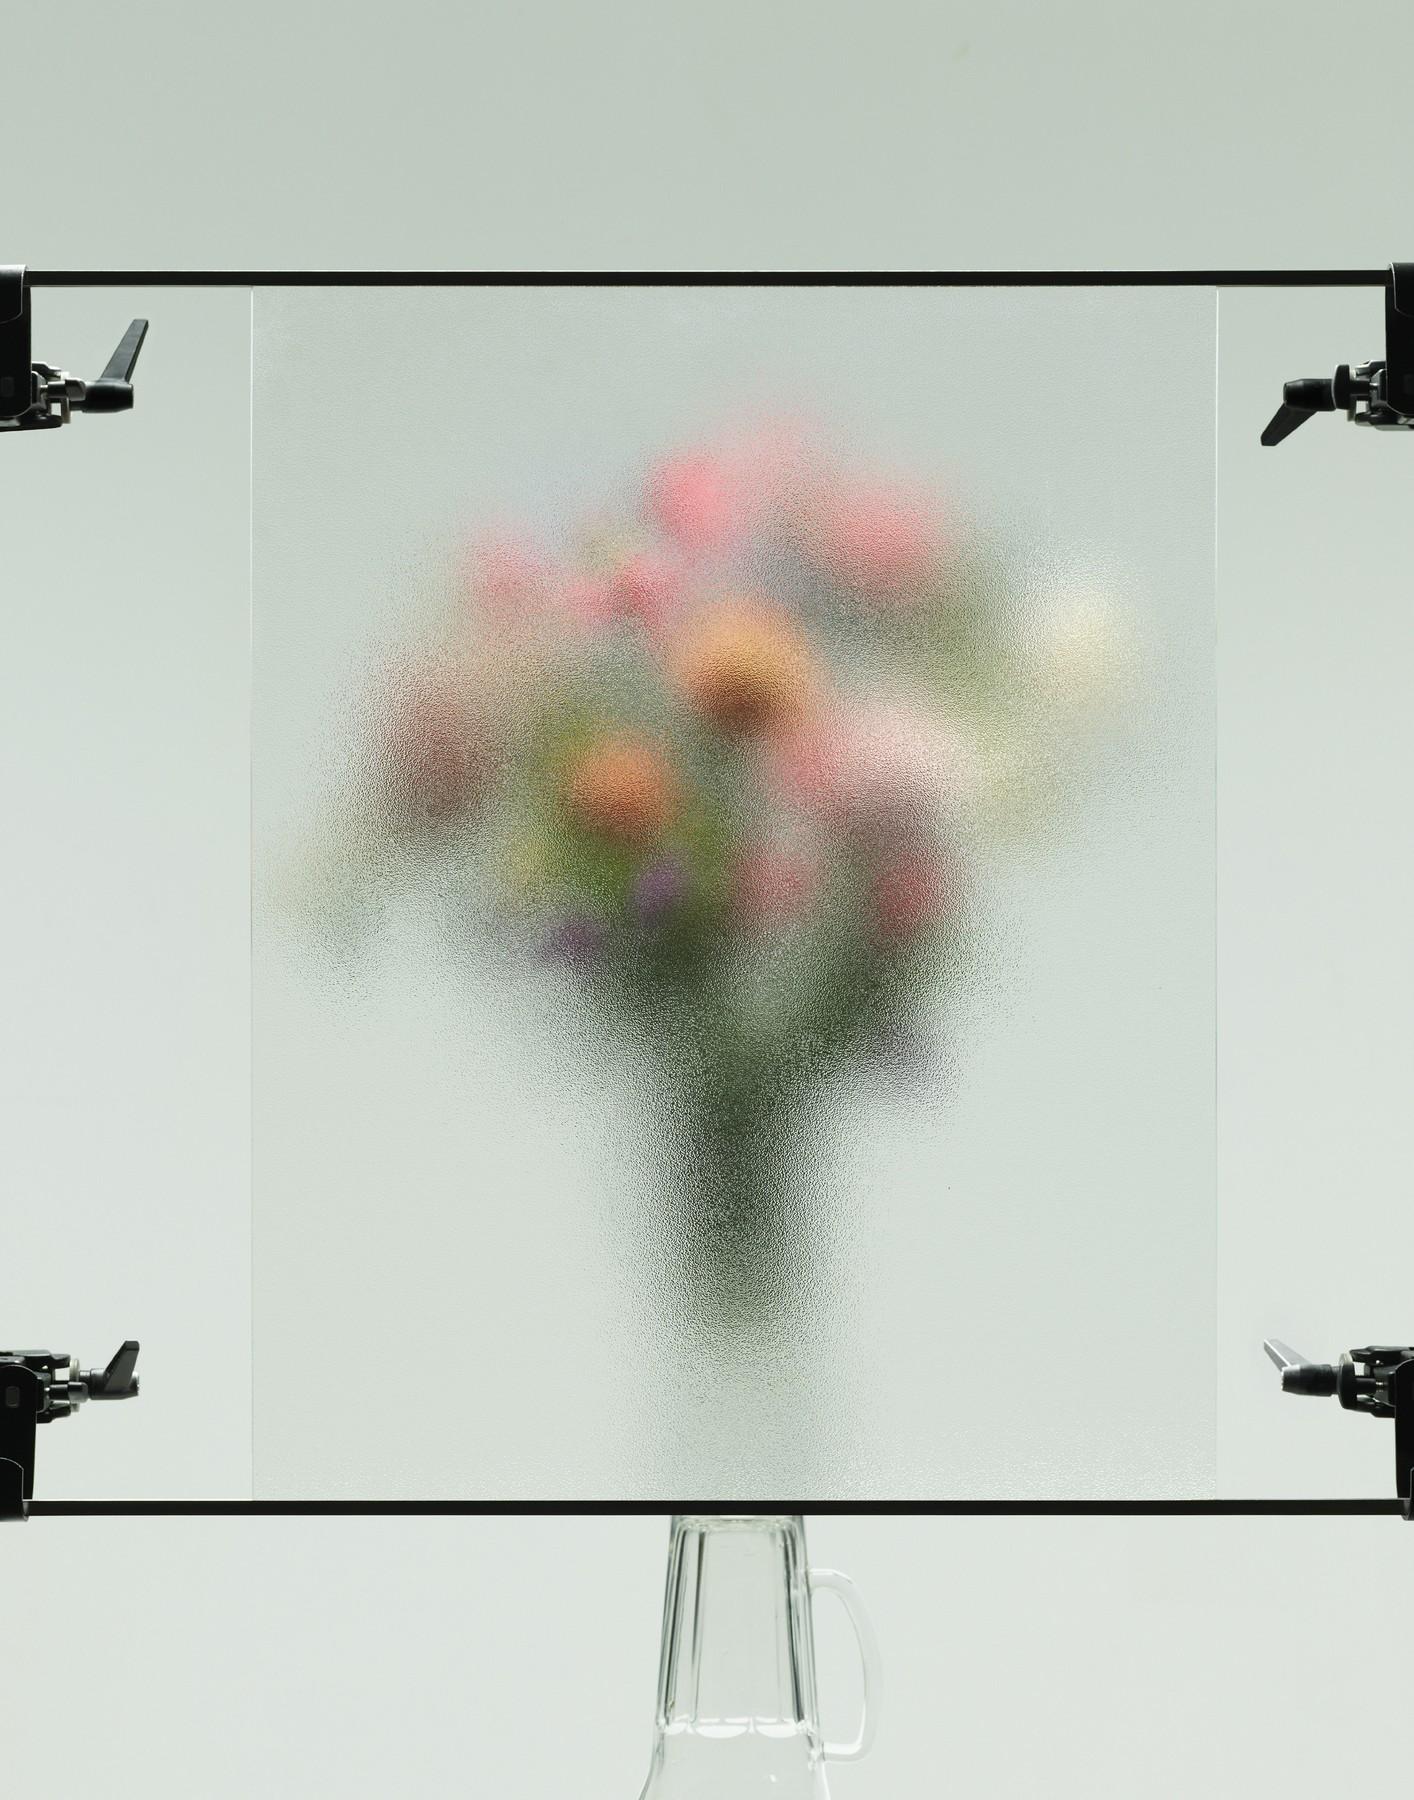 ls_volkskrant_bloemen2.jpg